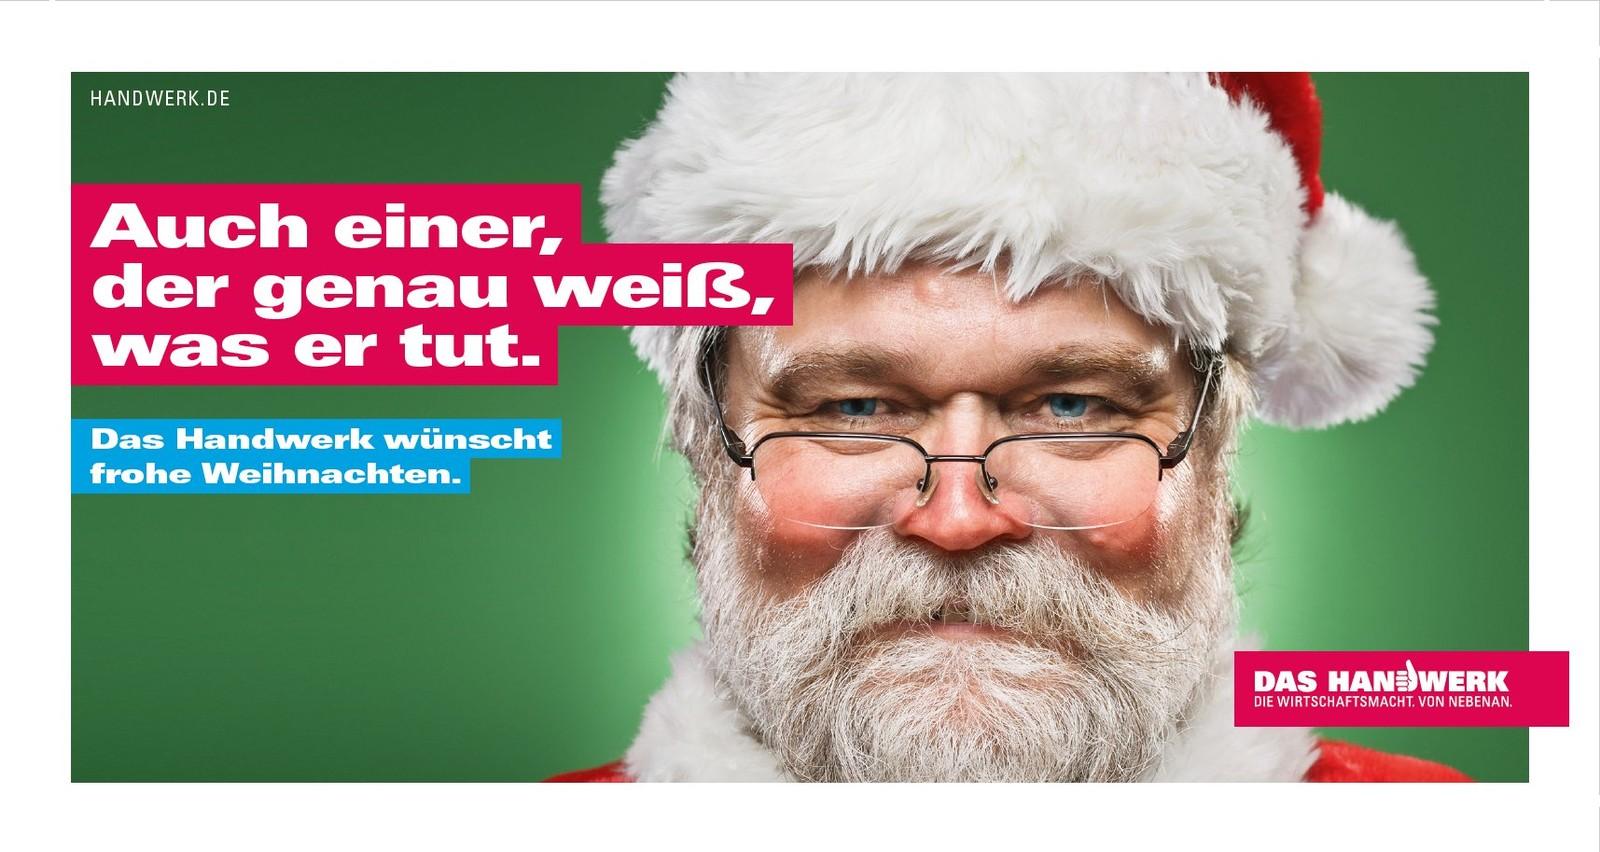 Dieses Motiv zeigt eine von zwei neuen Weihnachtskarten, die Handwerker dieses Jahr an ihre Kunden schicken können.